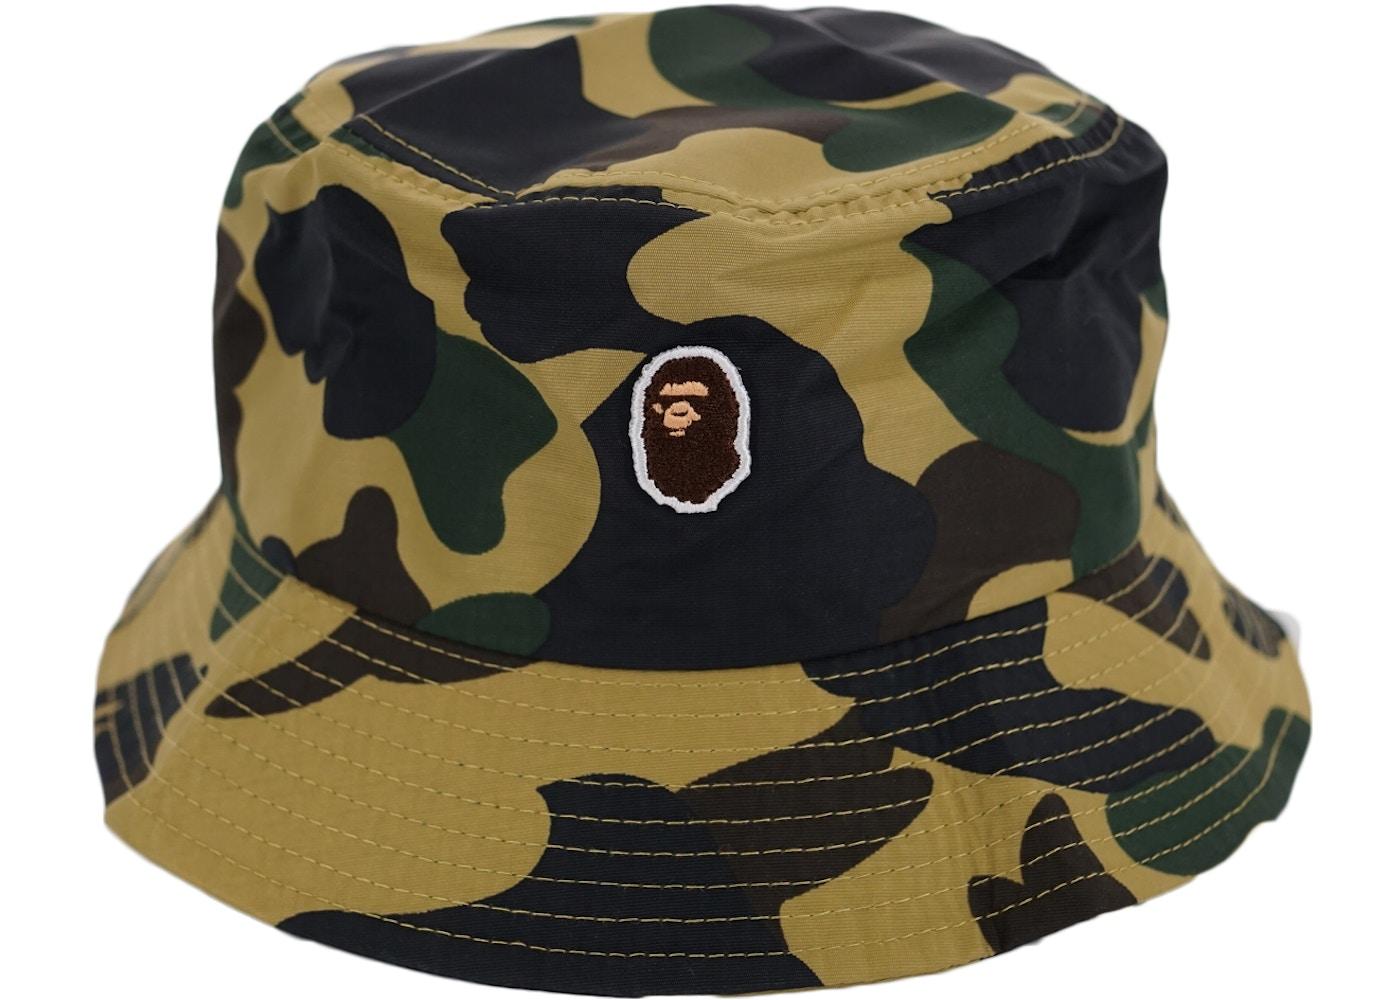 Streetwear - Bape Headwear - Average Sale Price d927478b3d3